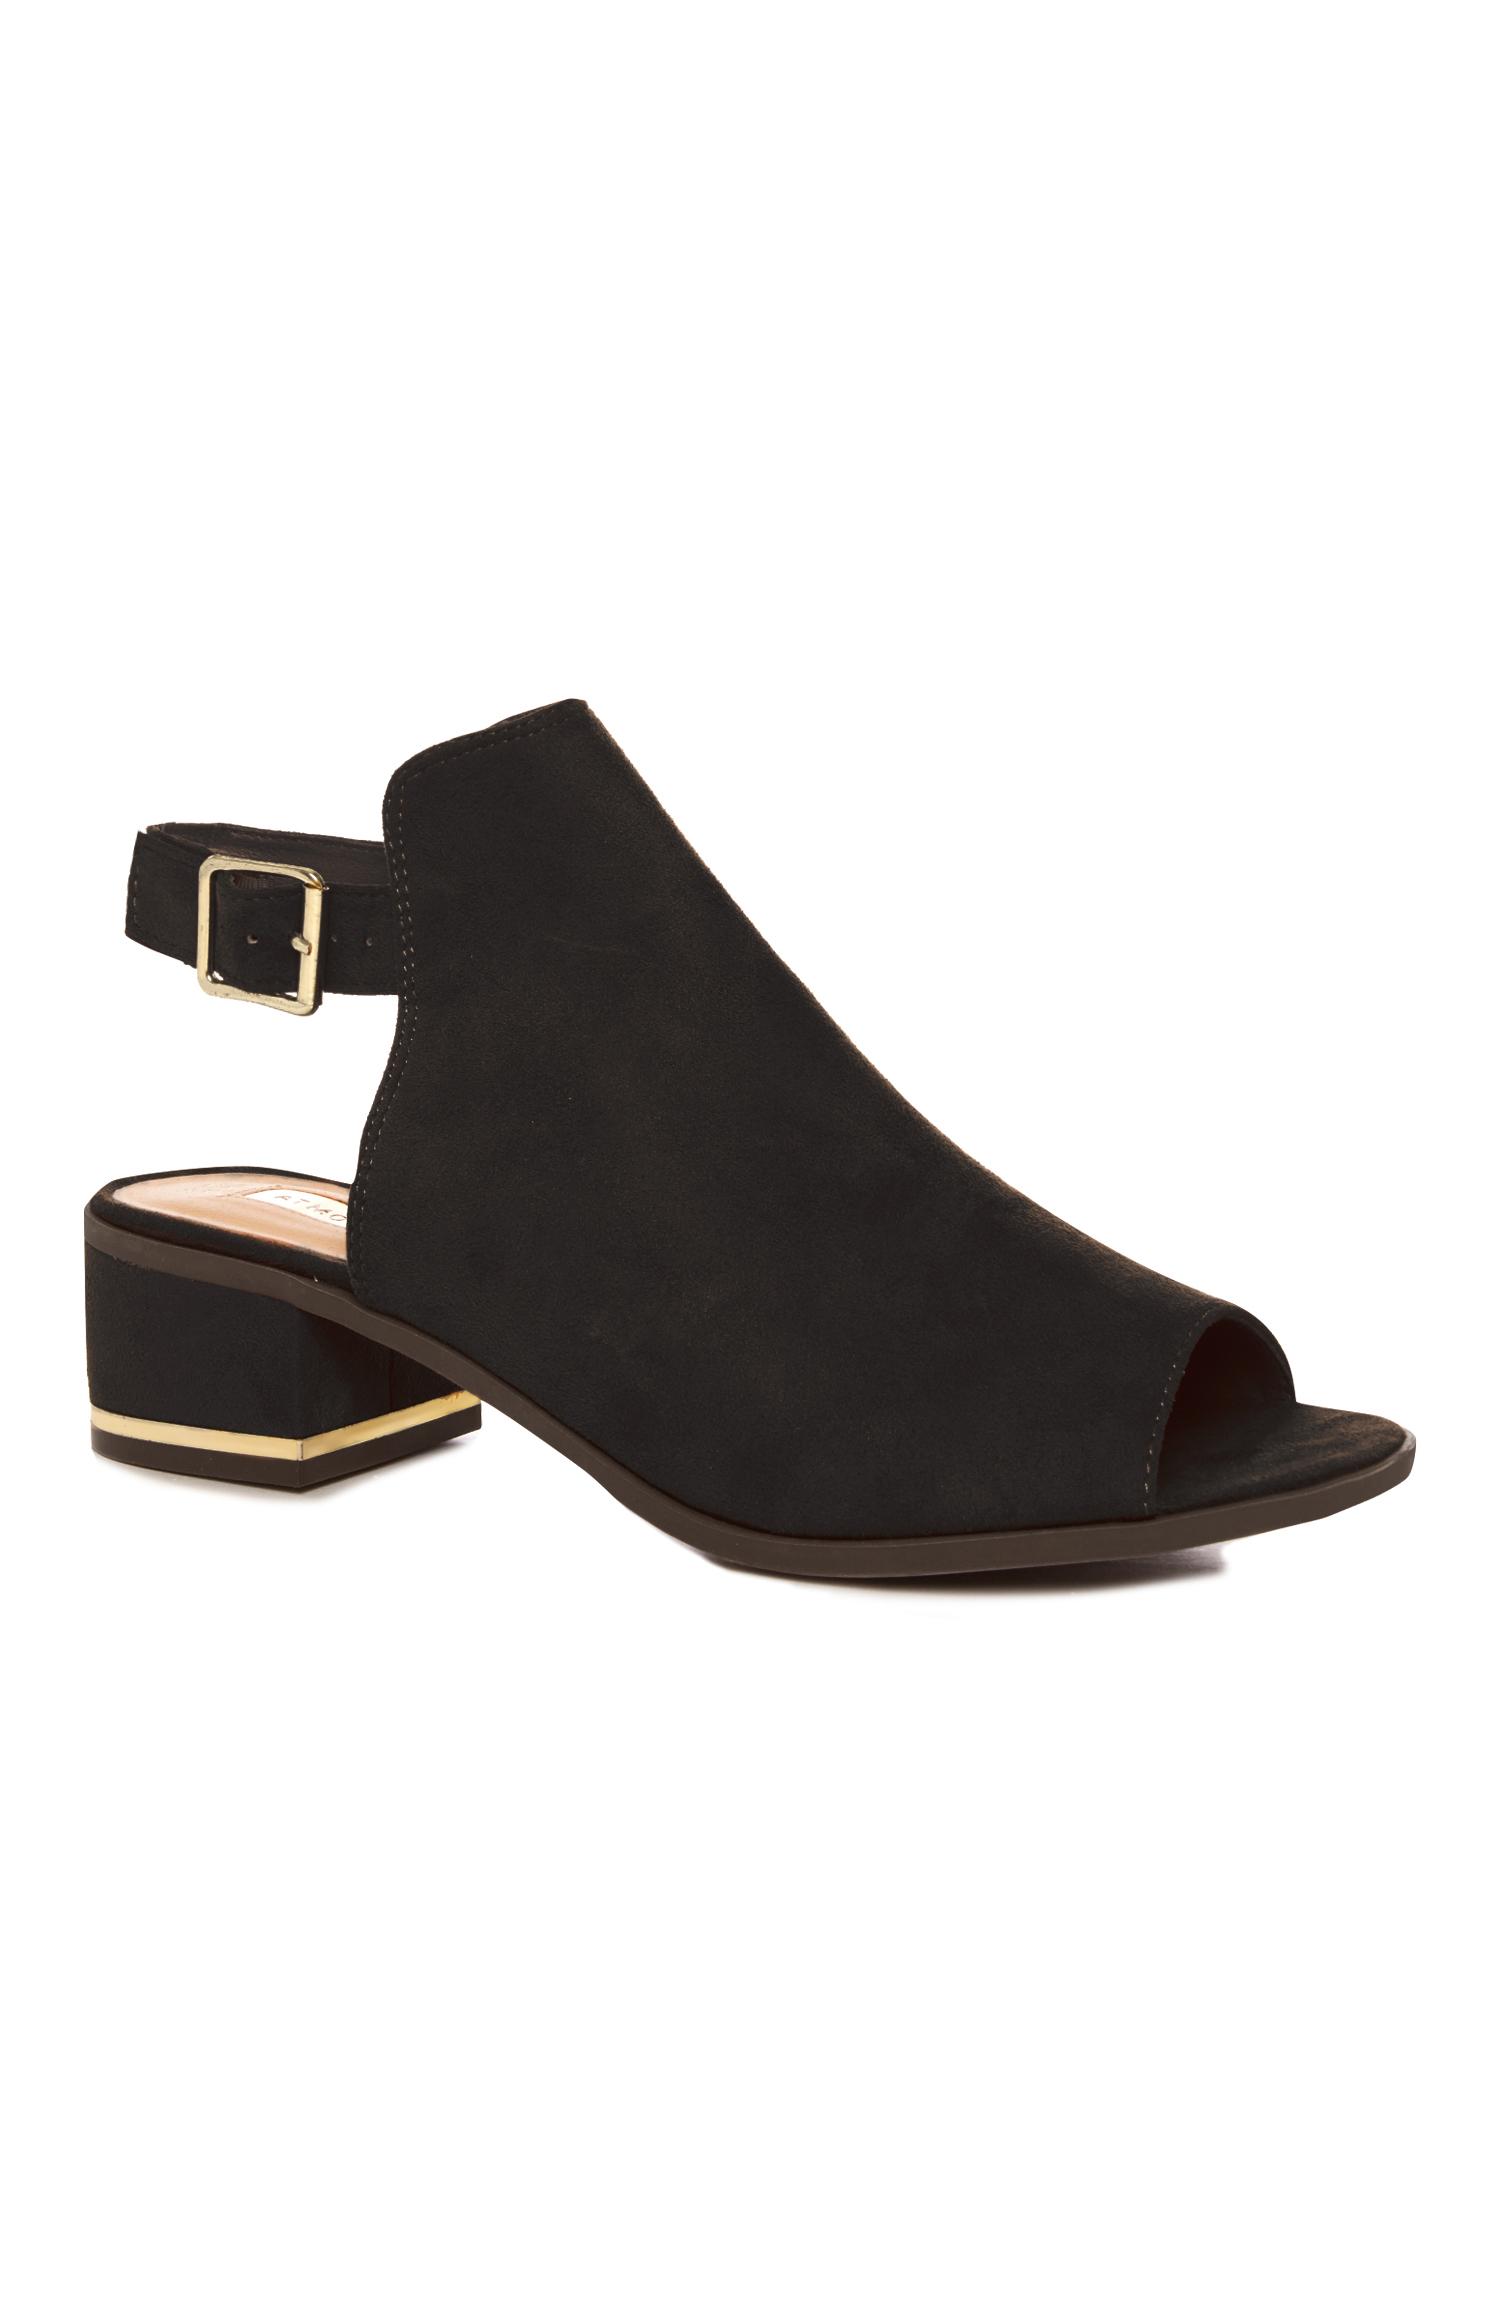 Black sandals primark - Black Jelly Sandals Primark Black Jelly Sandals Primark 57